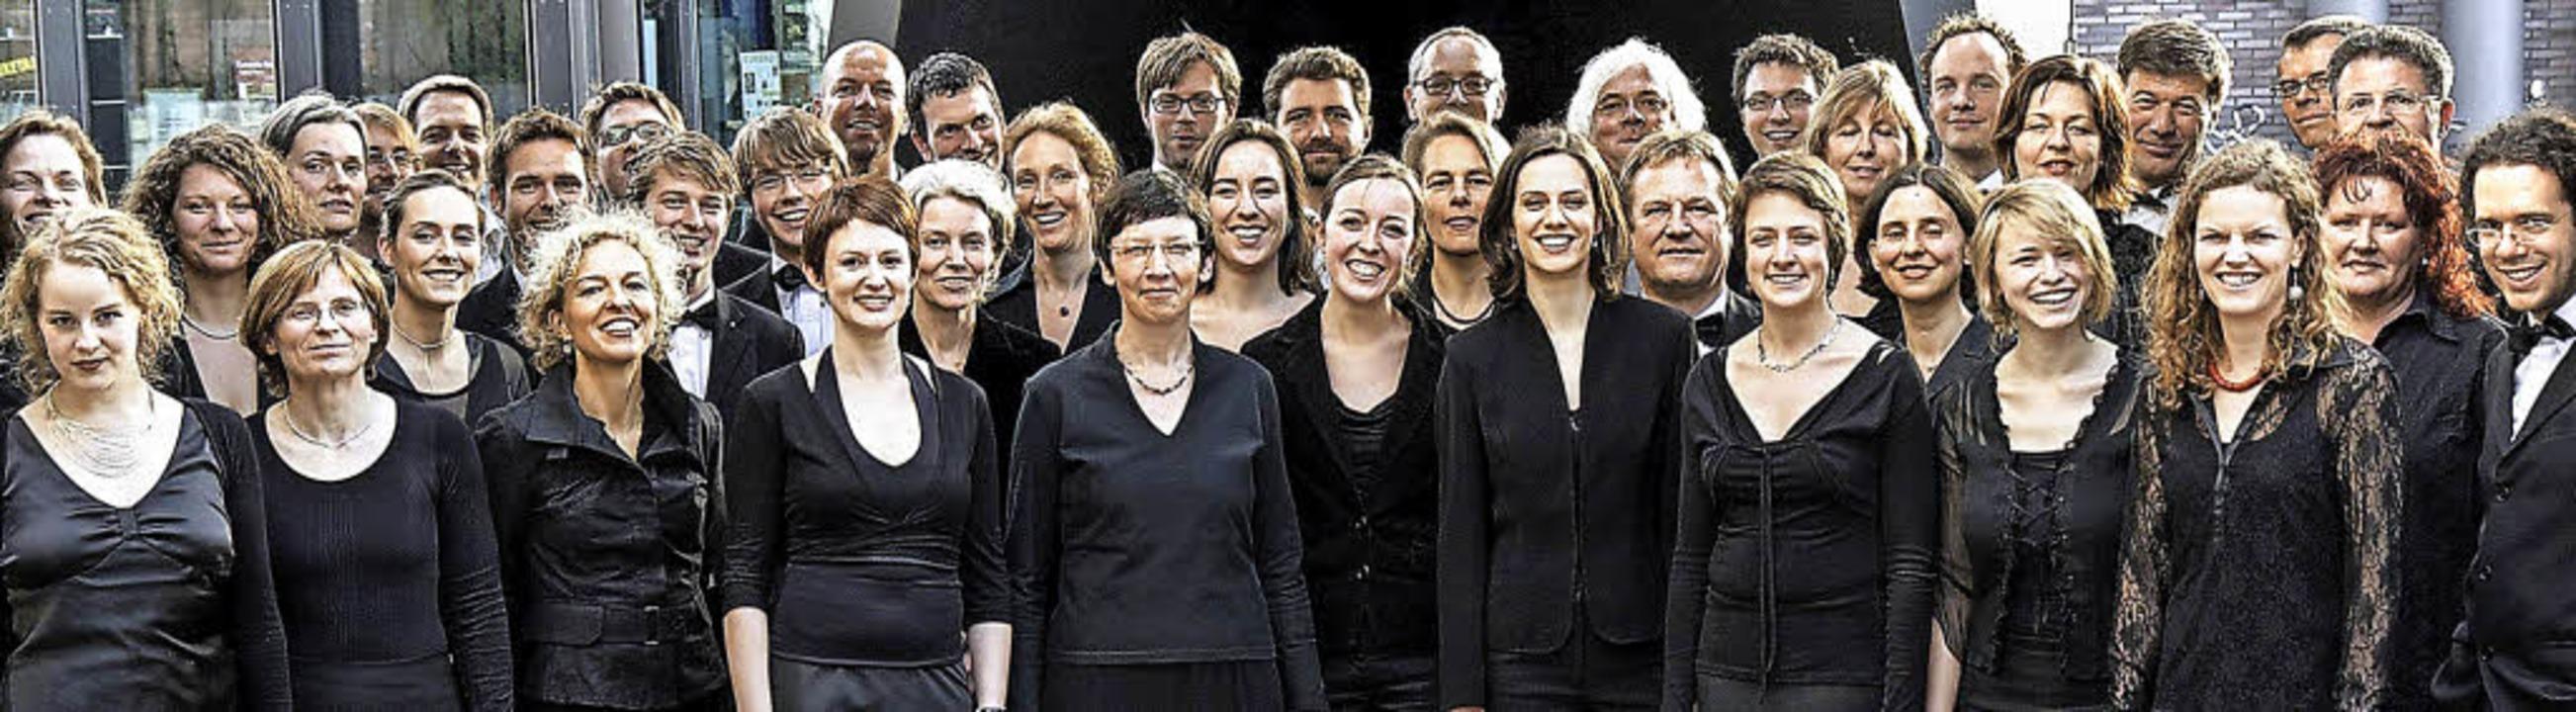 Ein Spitzenchor: die von Winfried Toll geleitete Camerata Vocale Freiburg  | Foto: Pro